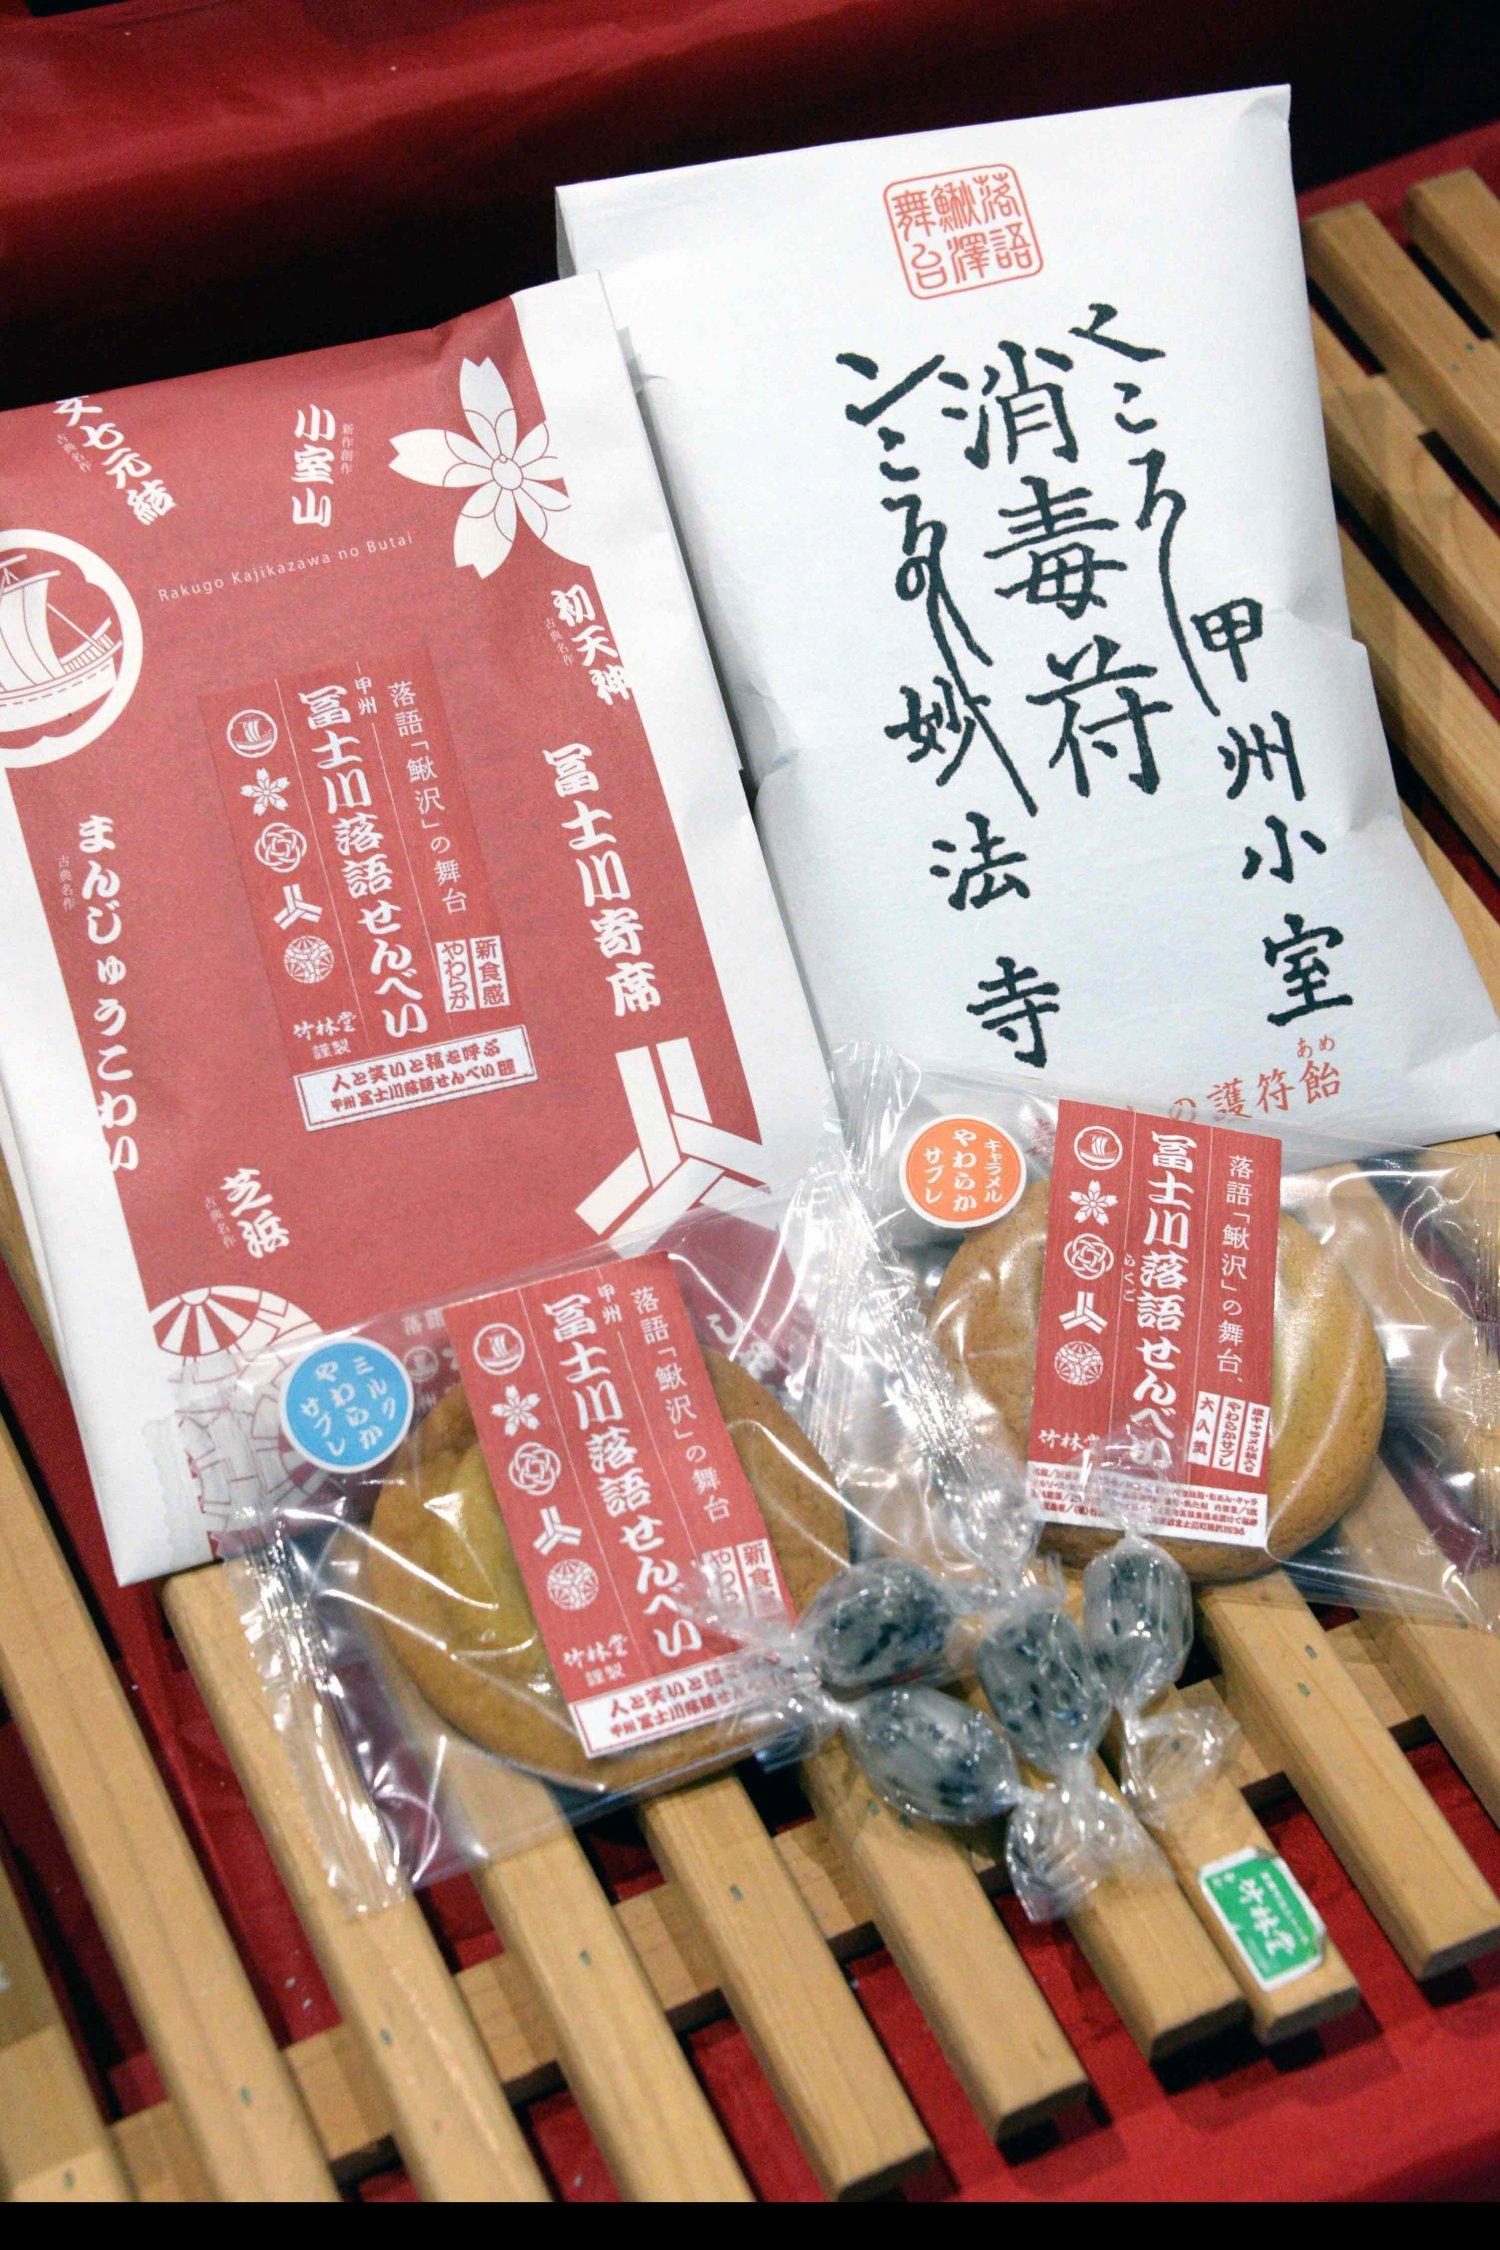 竹林堂の毒消しの護符あめ407円、落語せんべい1枚各127円。